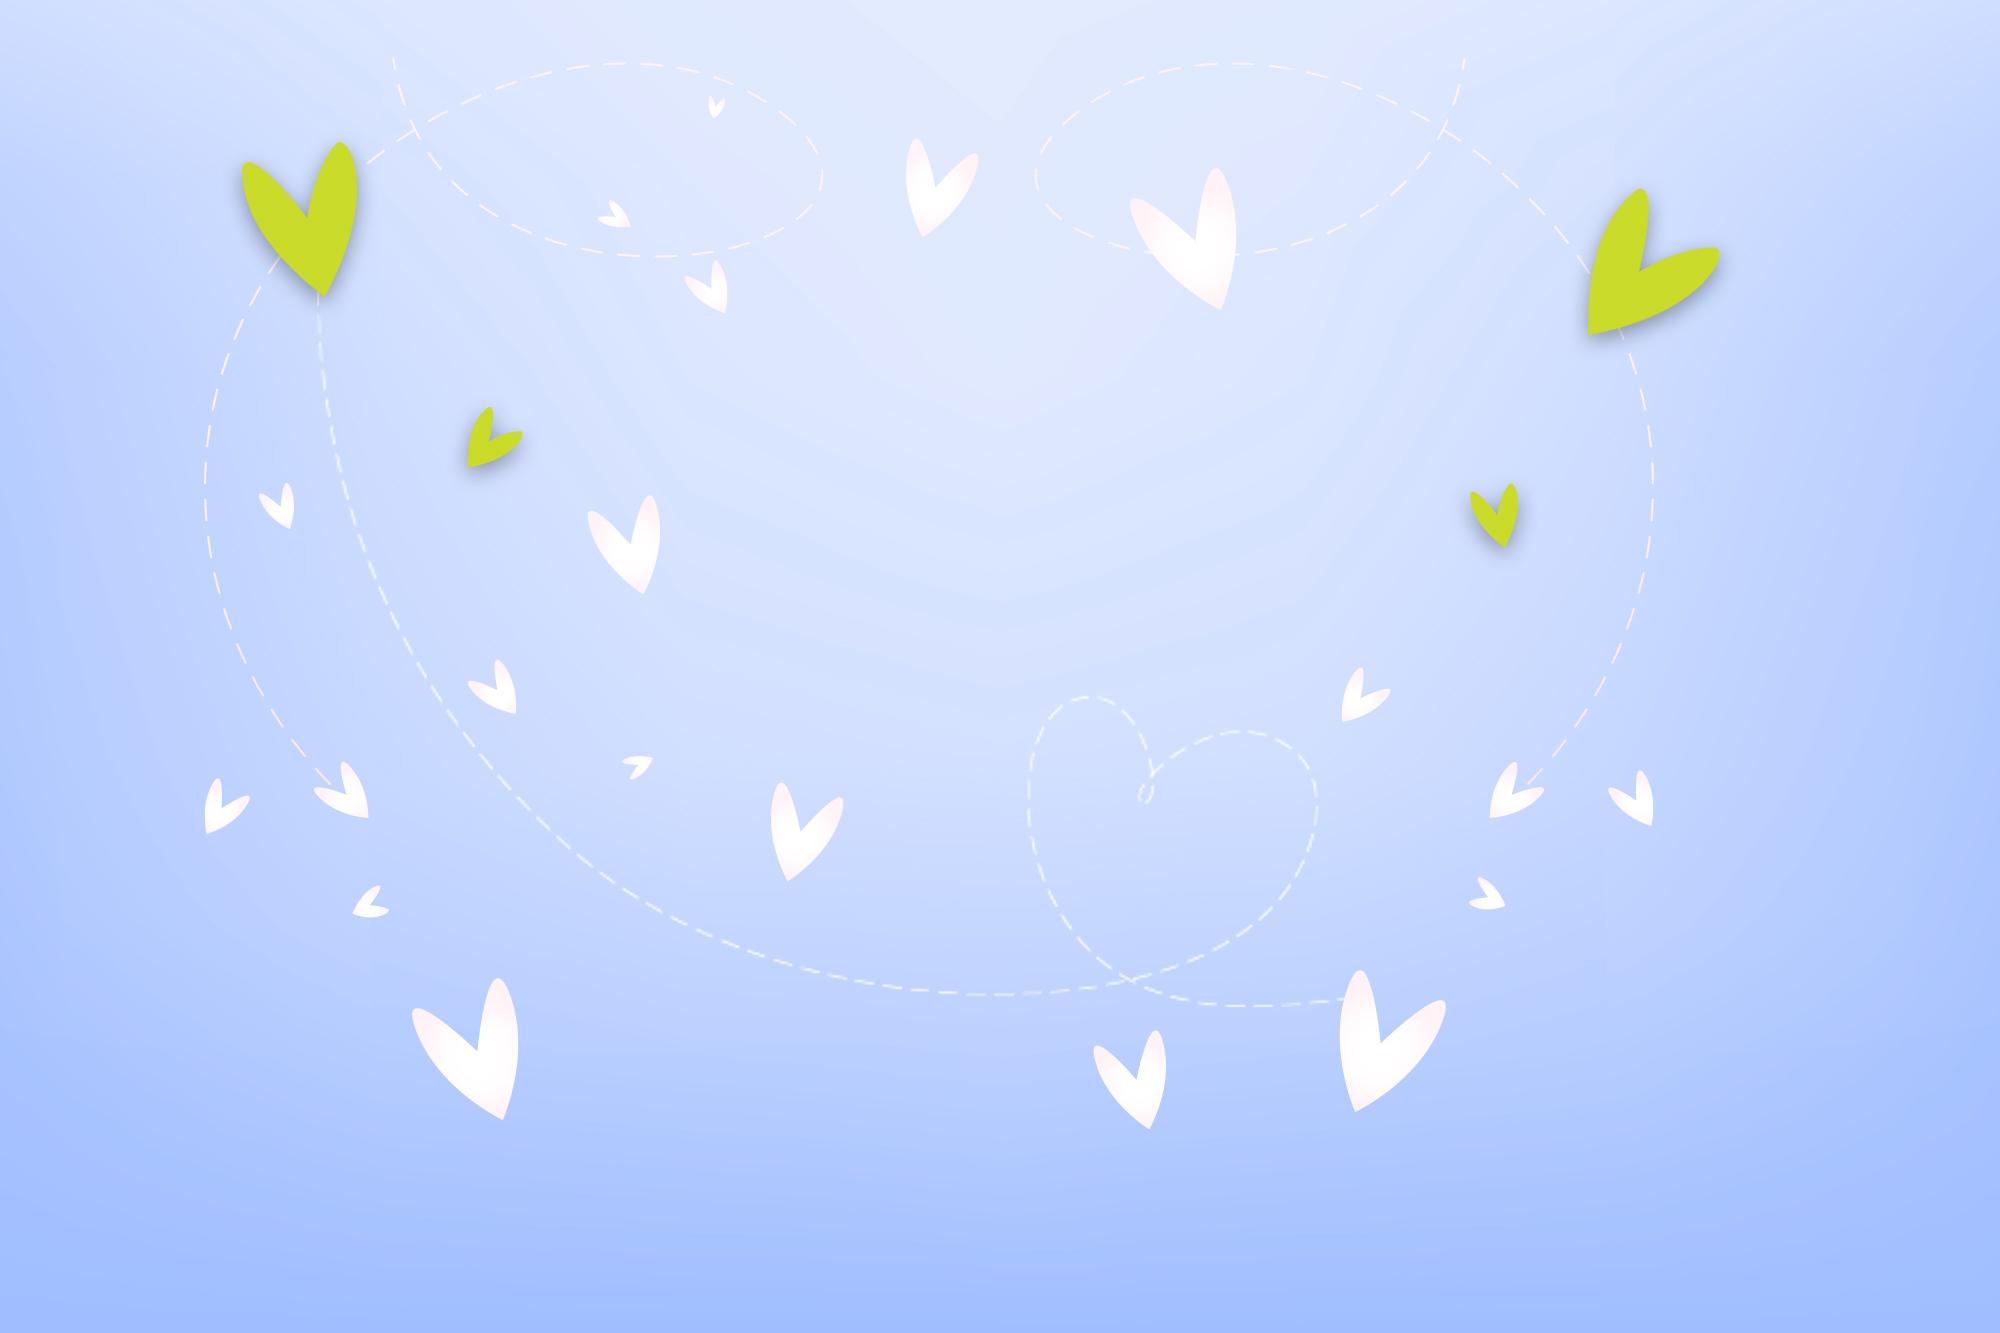 Valenitines heart background